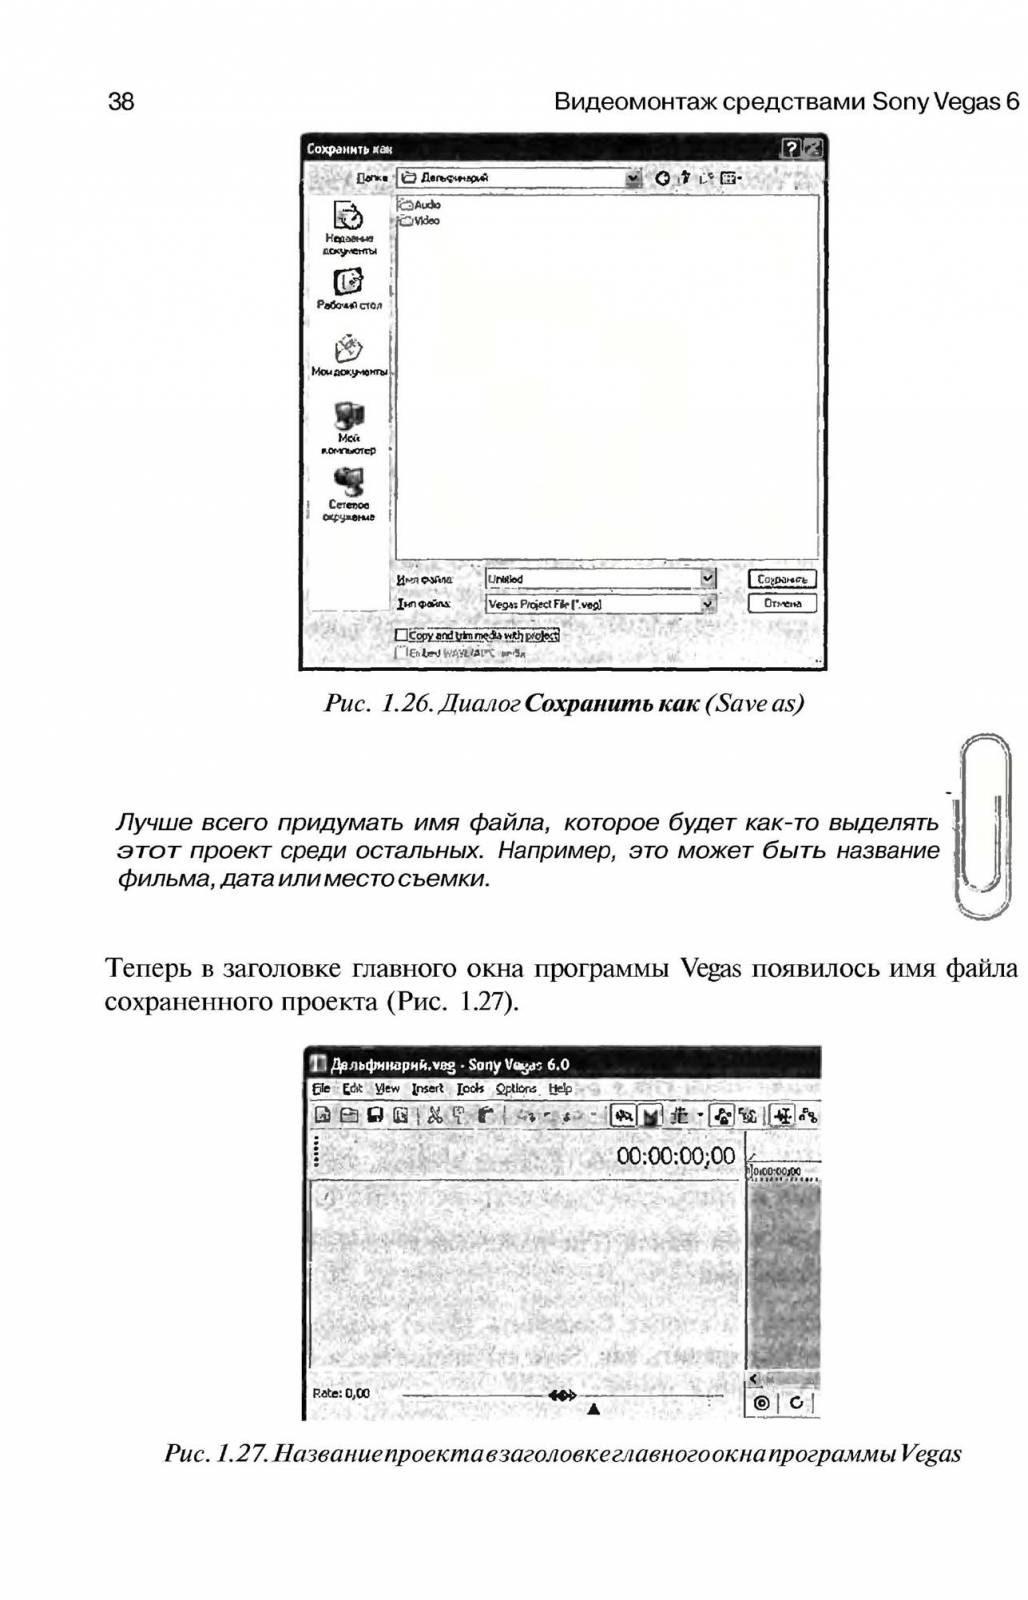 http://redaktori-uroki.3dn.ru/_ph/13/983647455.jpg